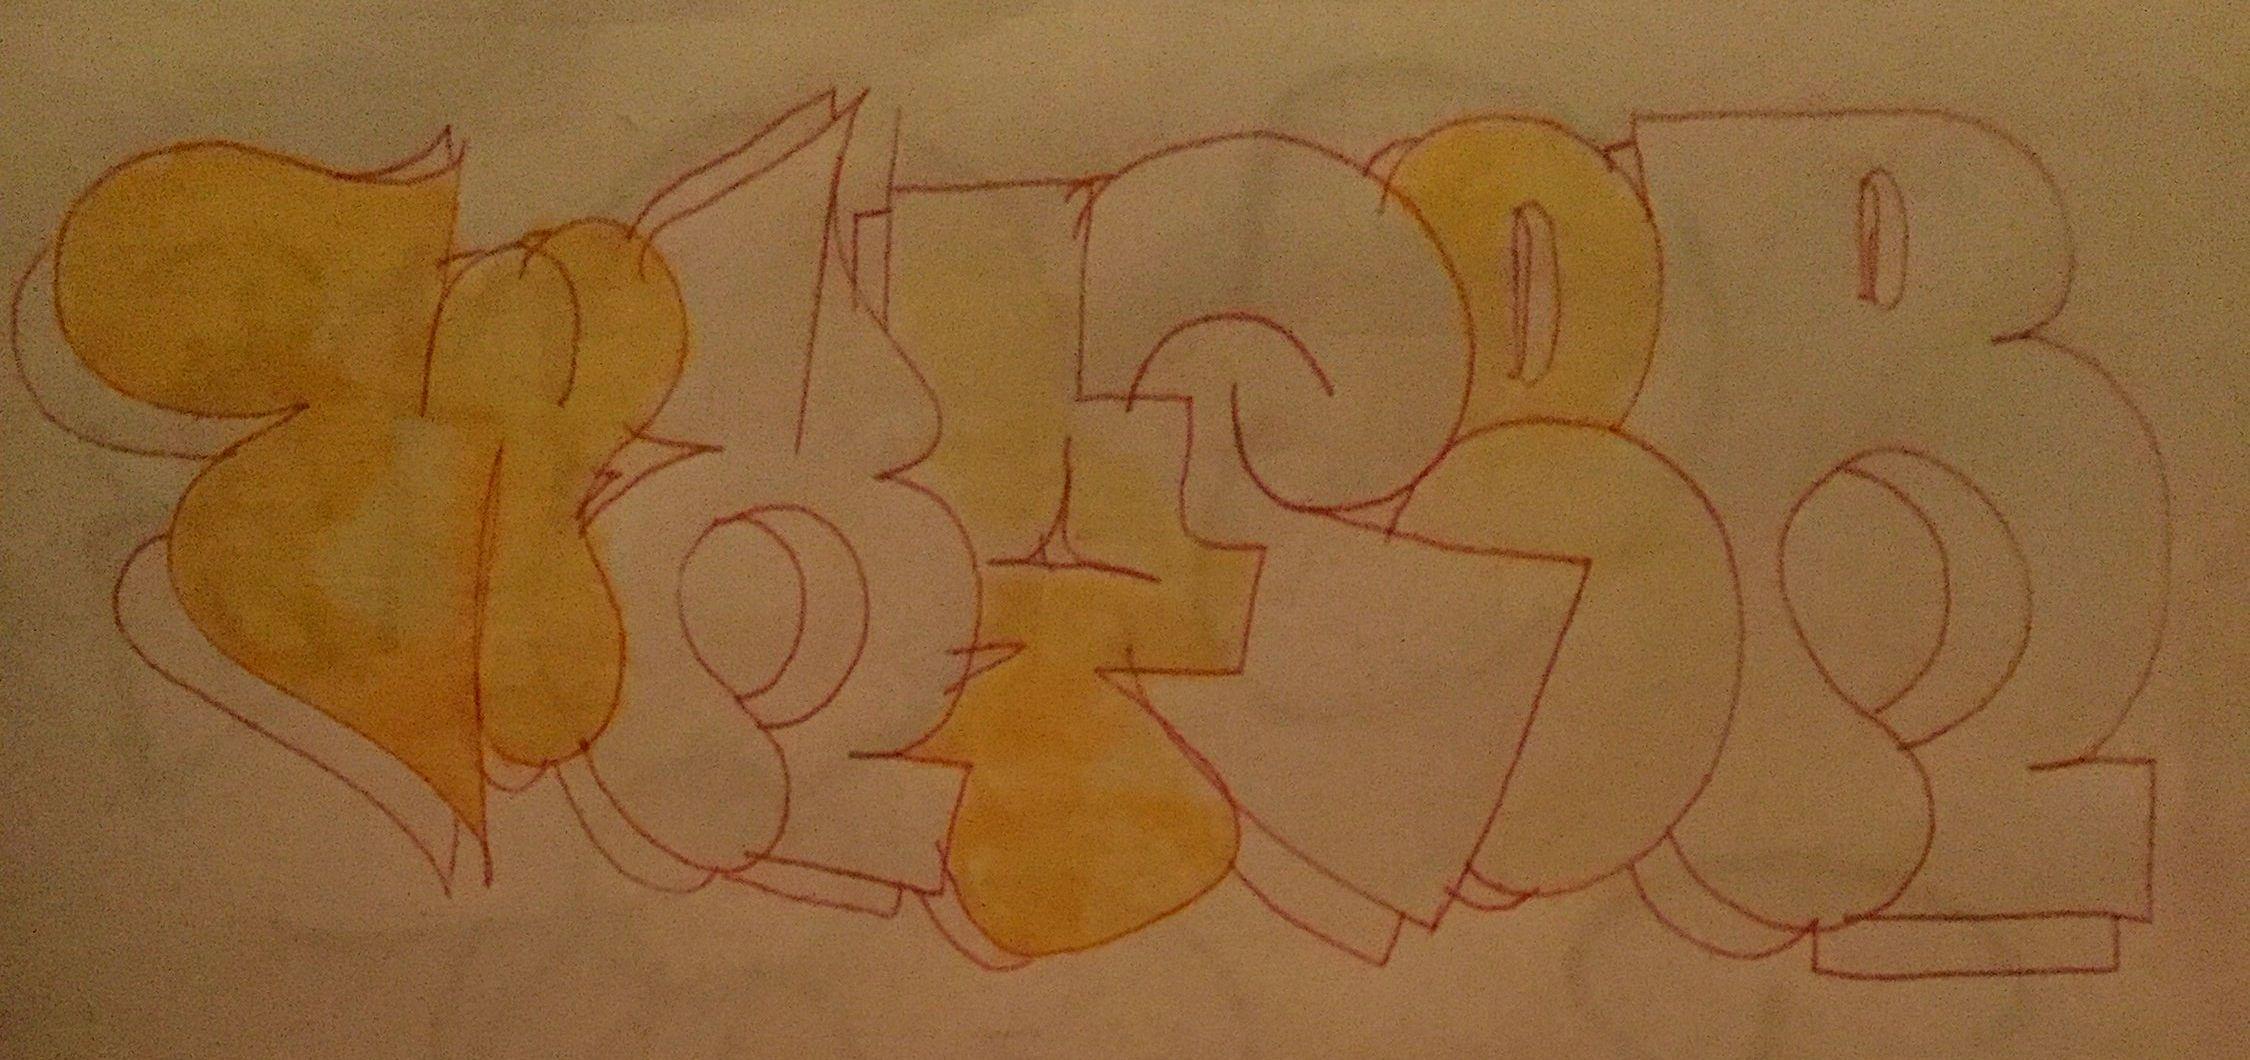 07_GumonShoe.jpg